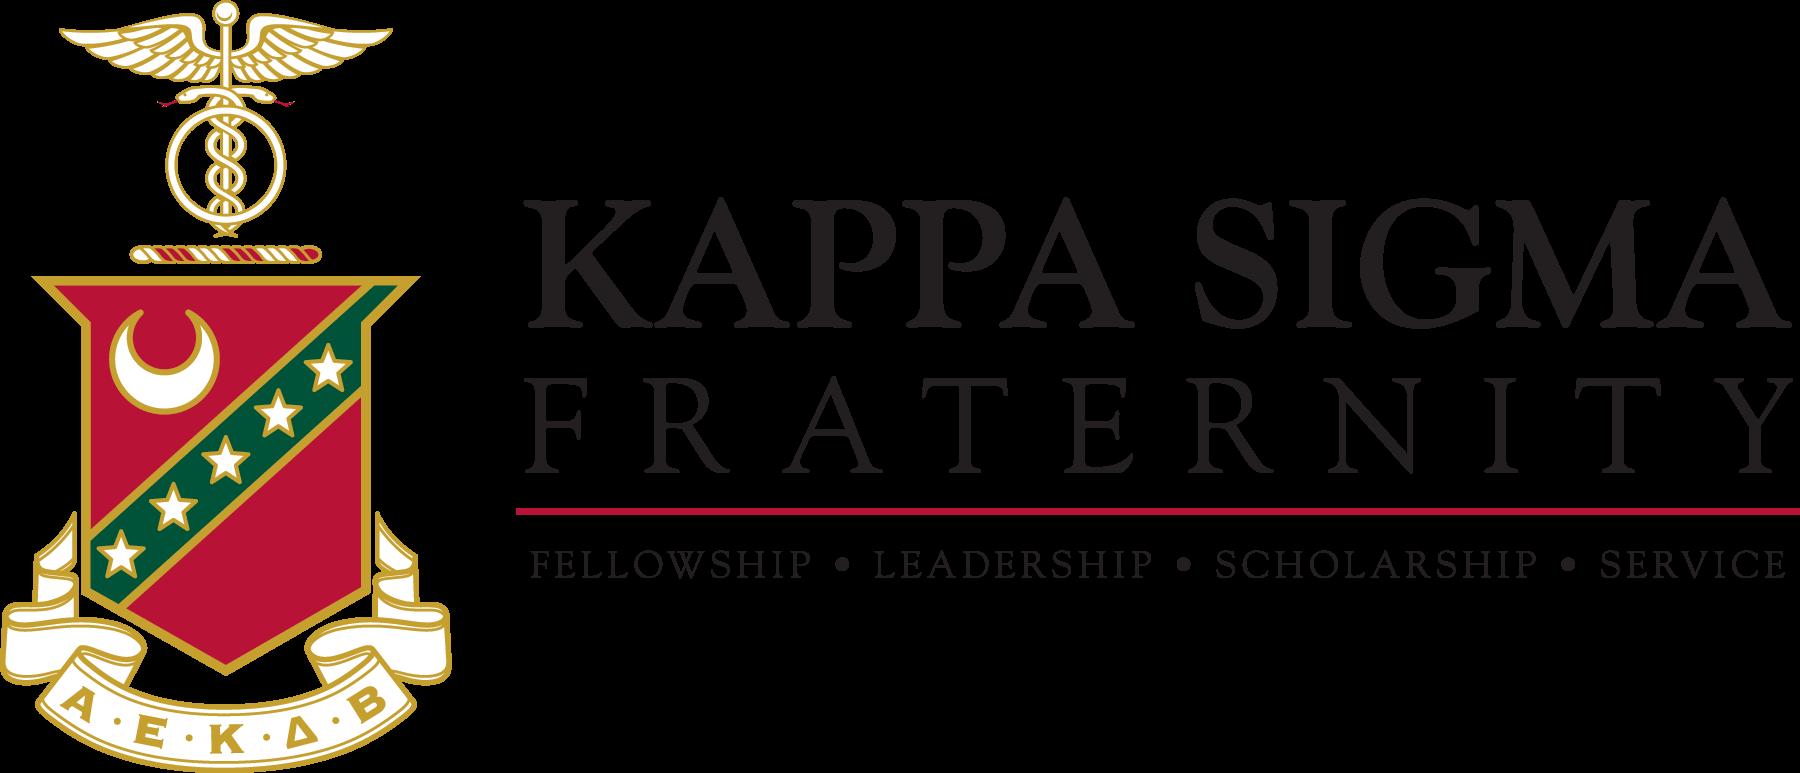 Alpha-Pi Kappa Sigma